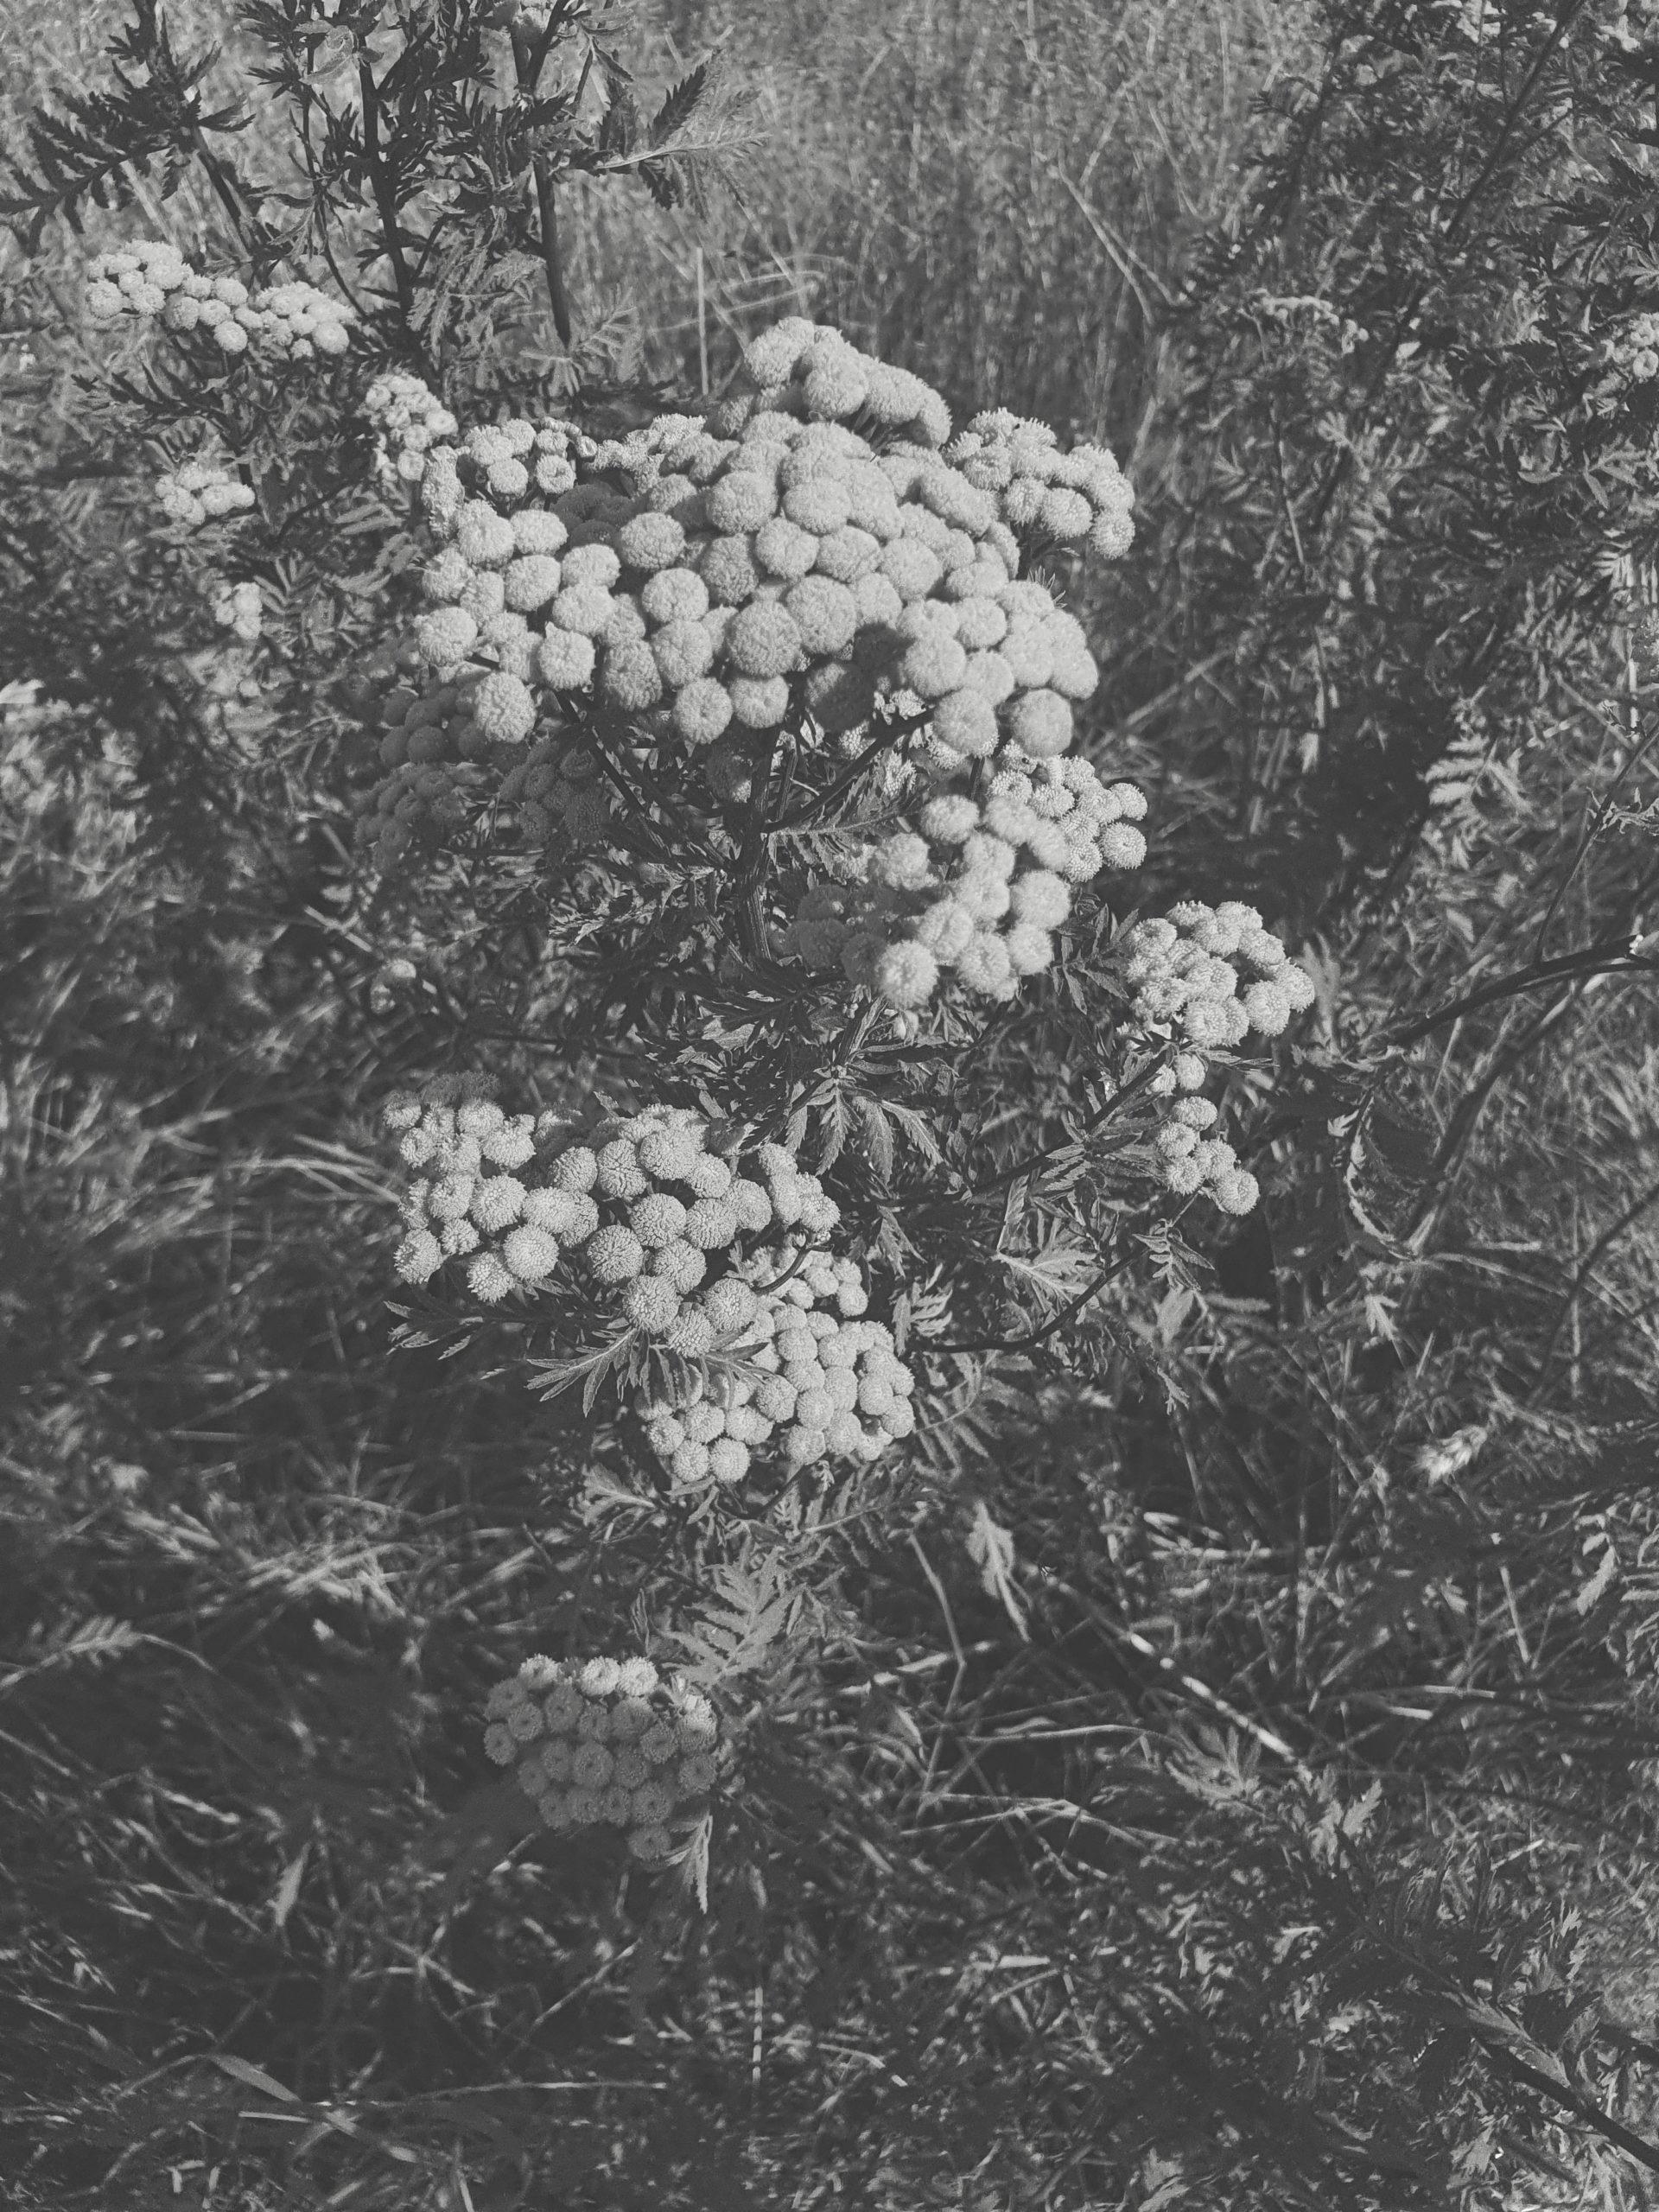 Moodbild Feld Blumen schwarzweiß